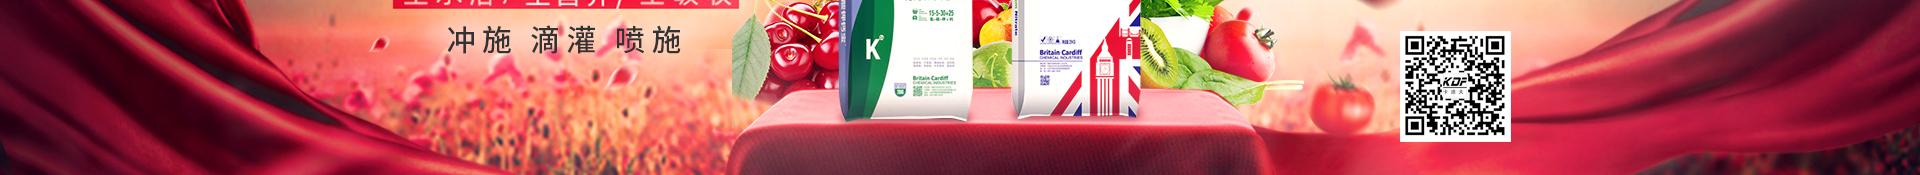 英国卡迪夫(北京)农业科技万博manbetx官网客服